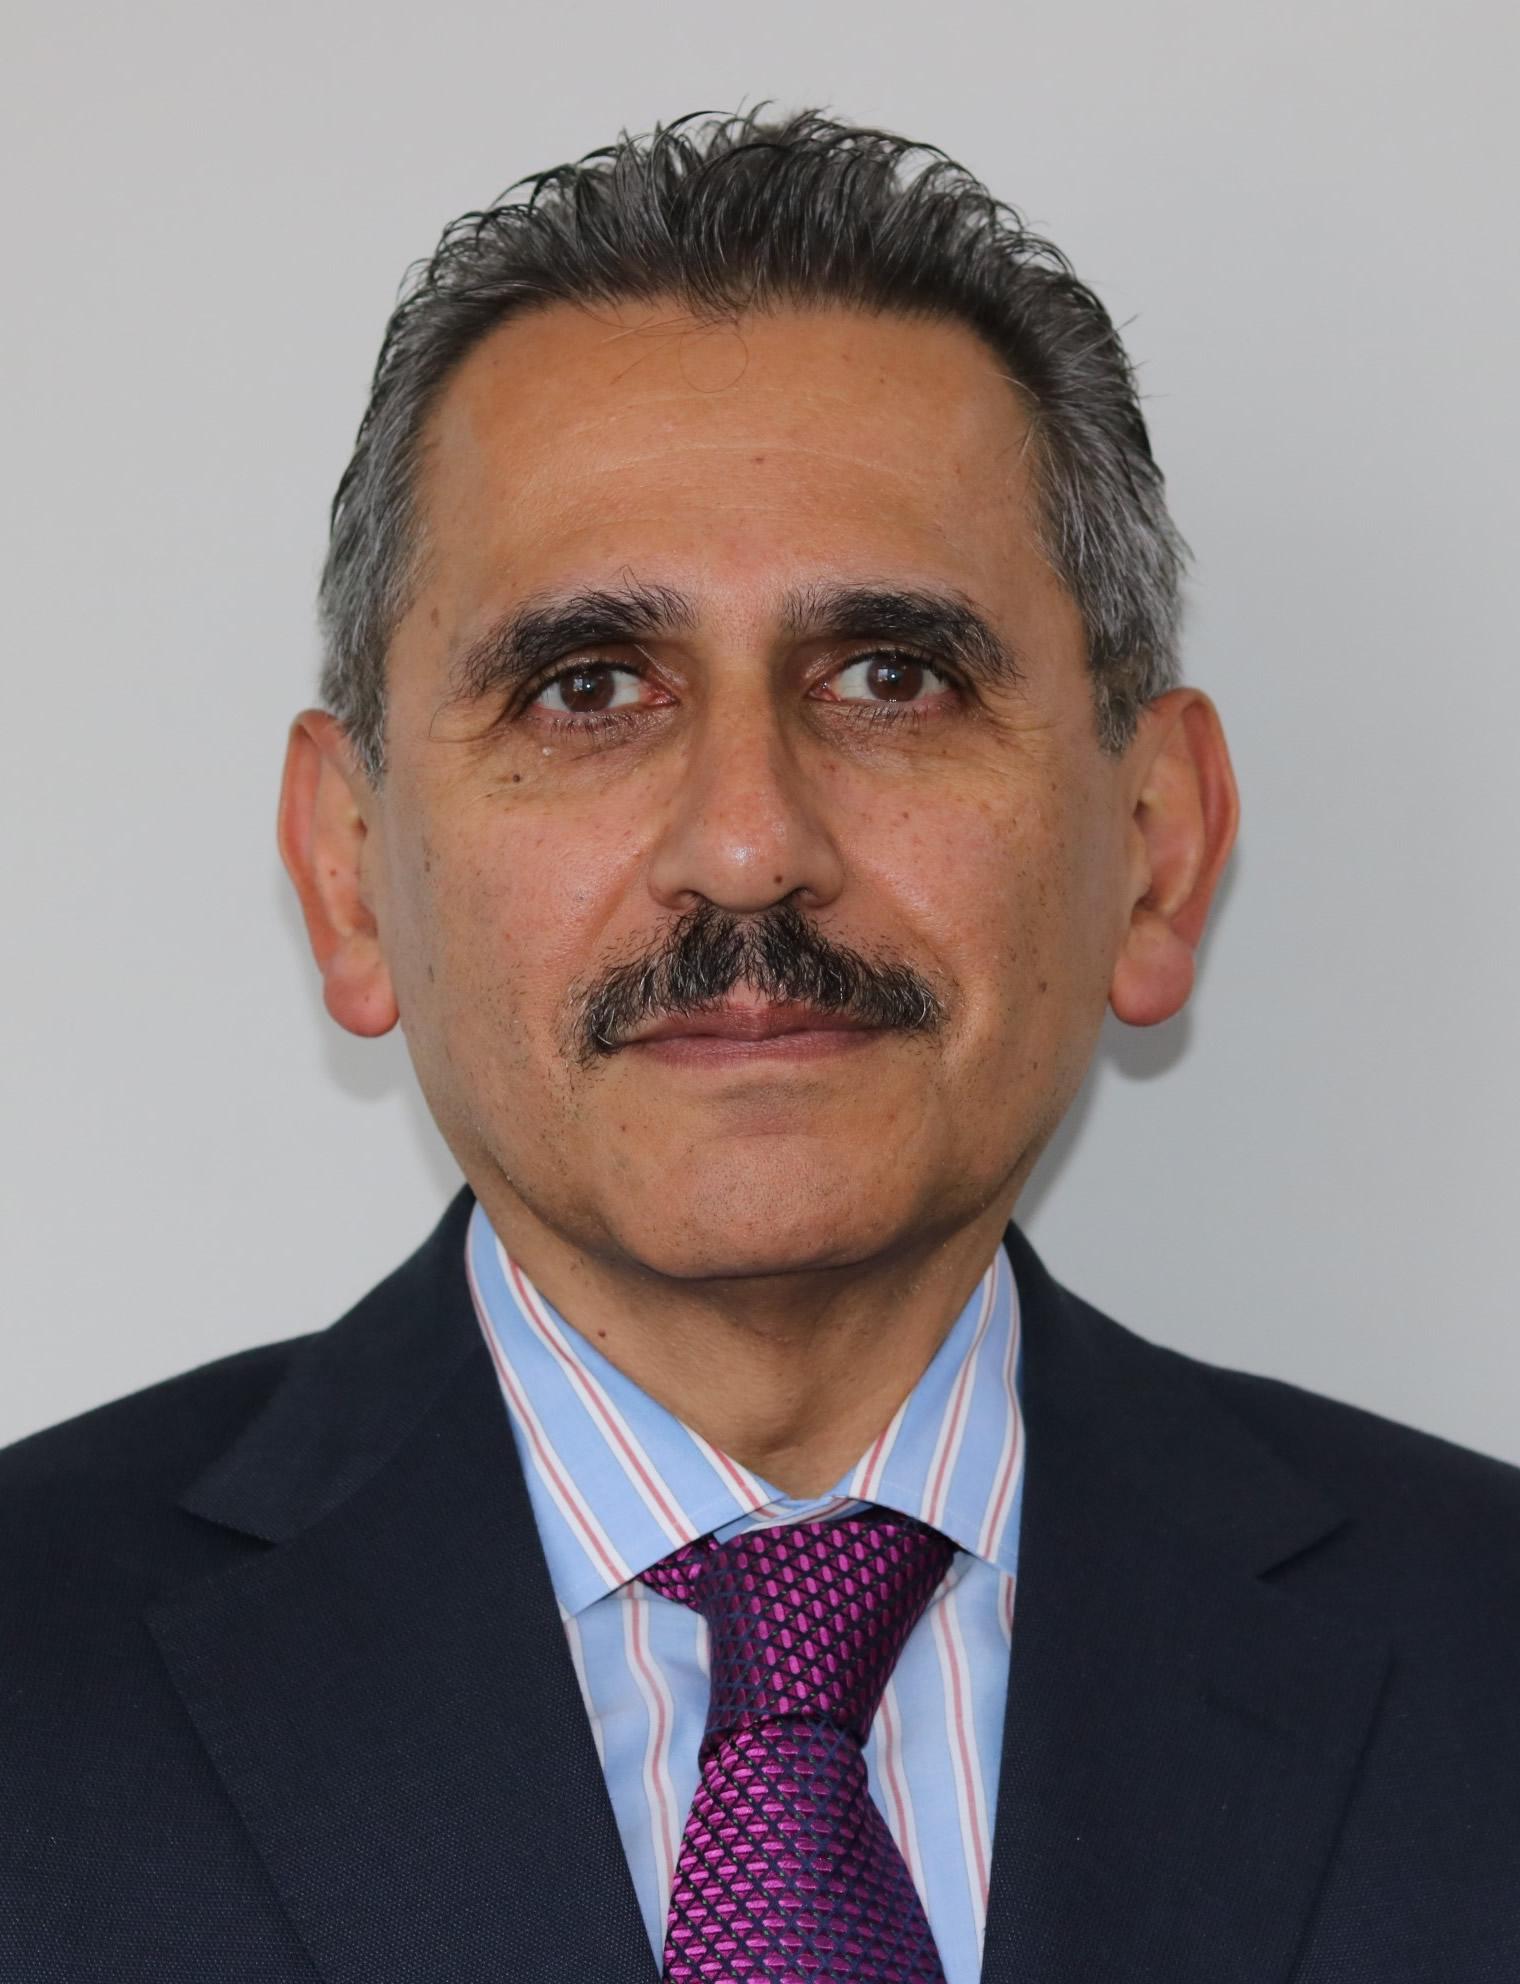 Lic. Enrique Esparza Parra